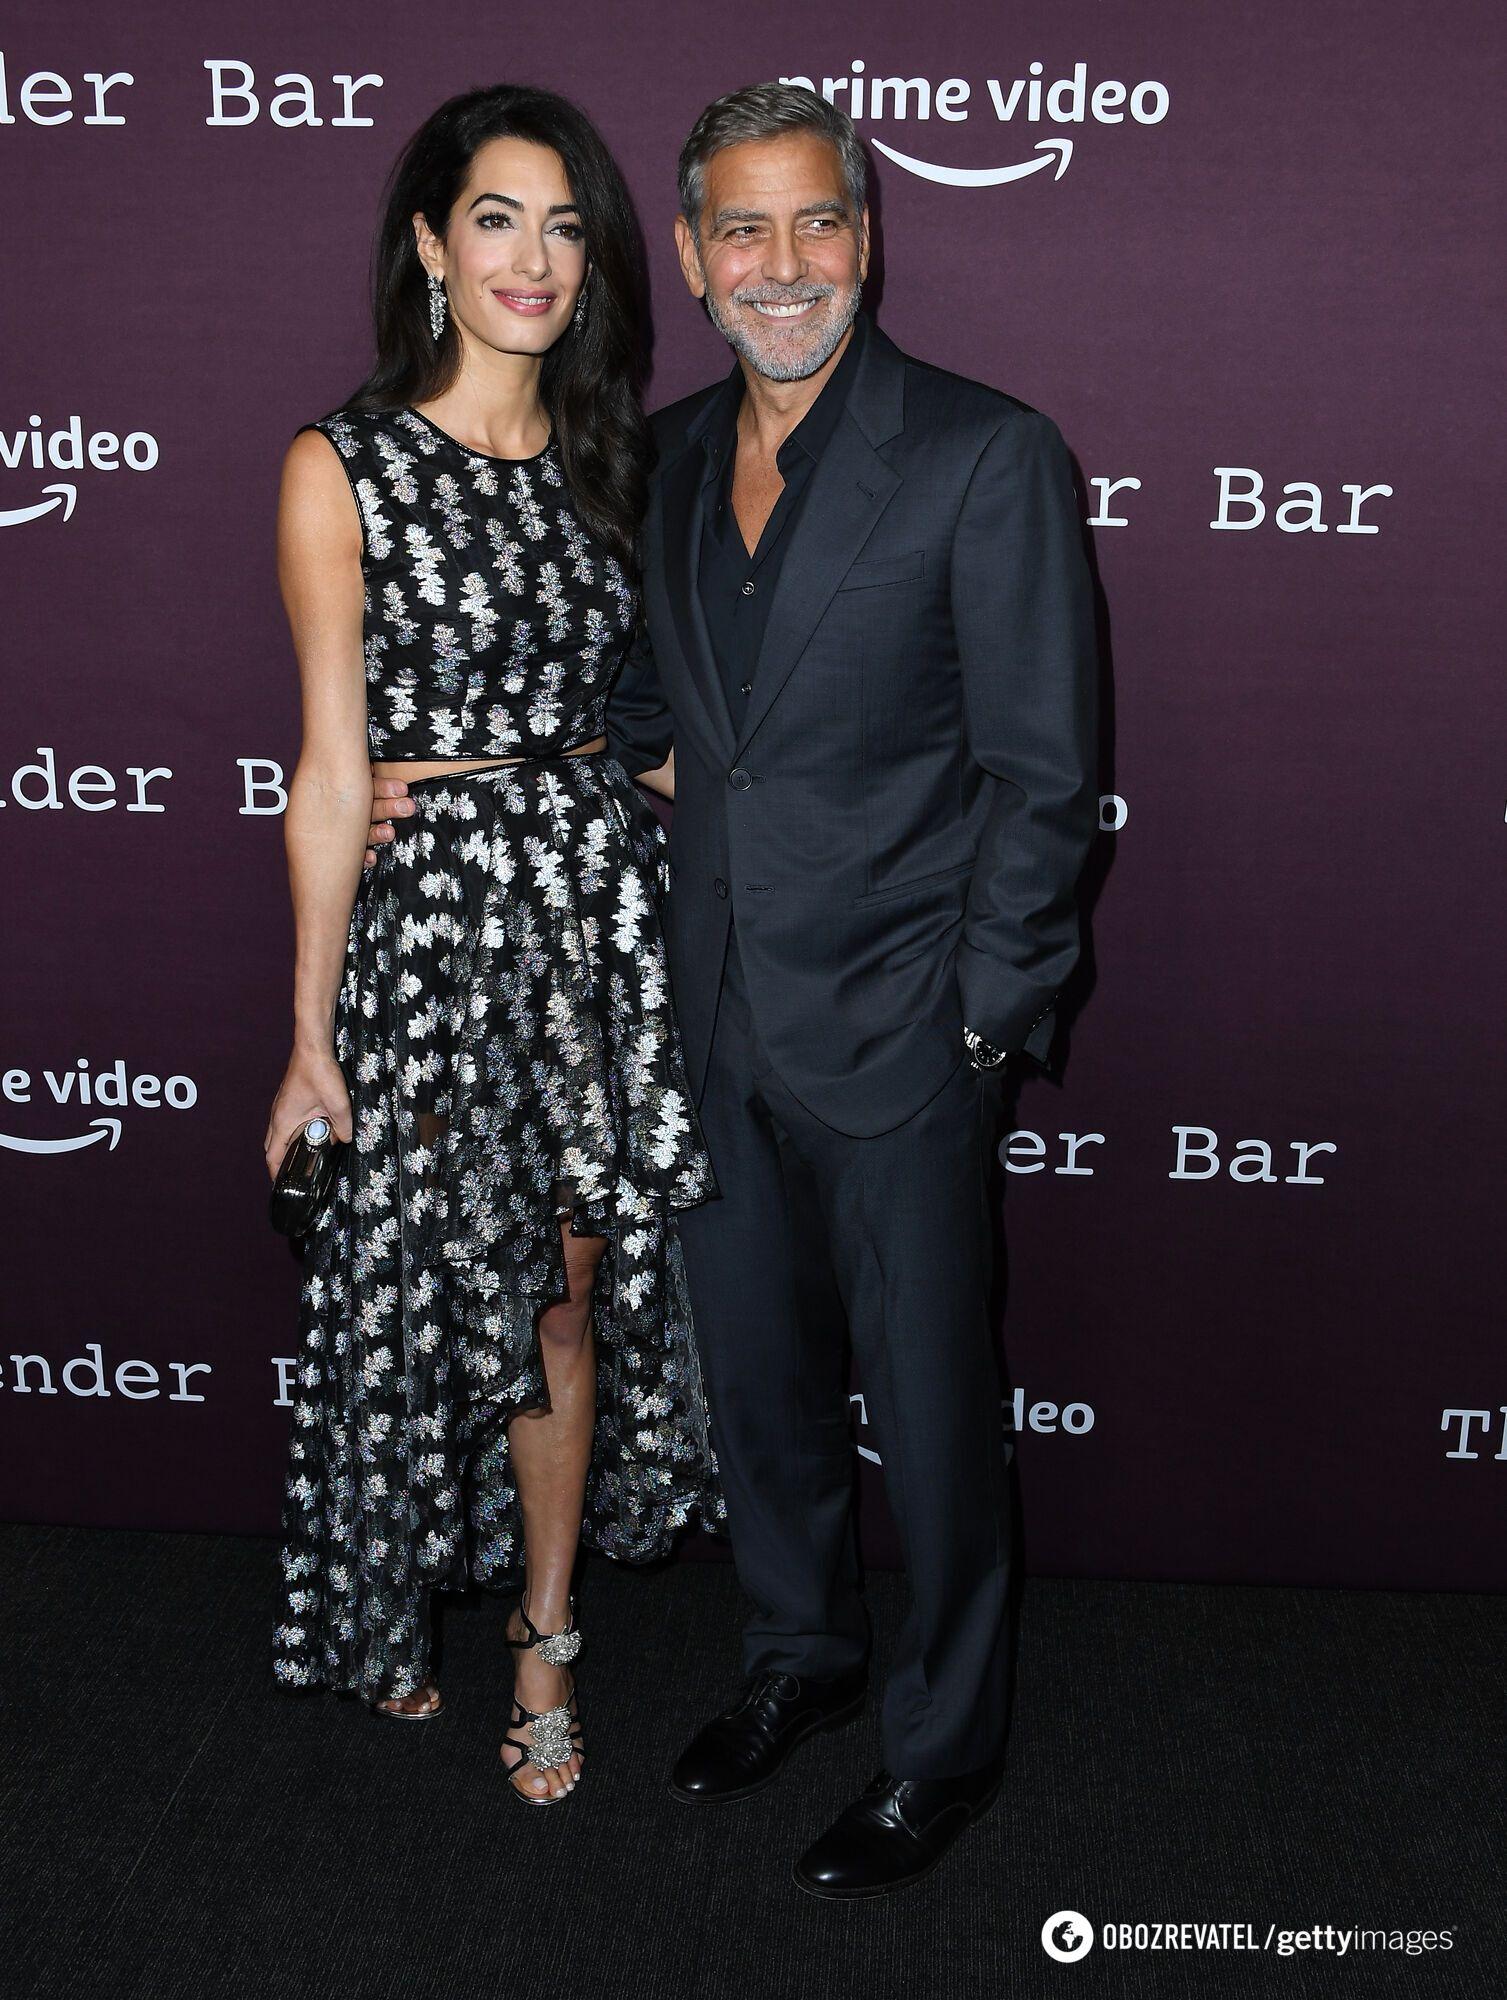 Амаль Клуні та Джордж Клуні позують фотографам в стильних образах